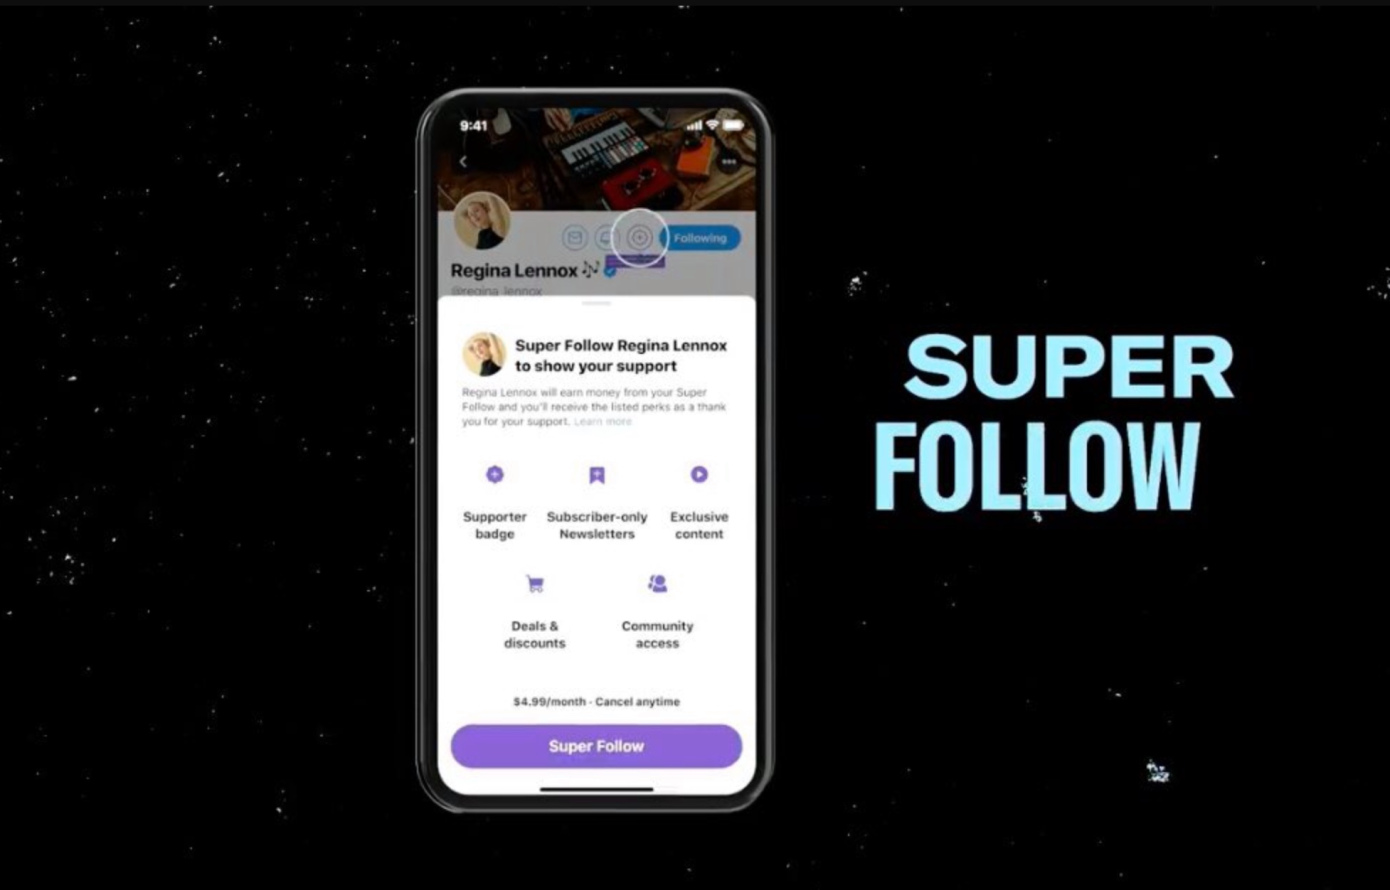 Super Follow das neue Feature bei Twitter.